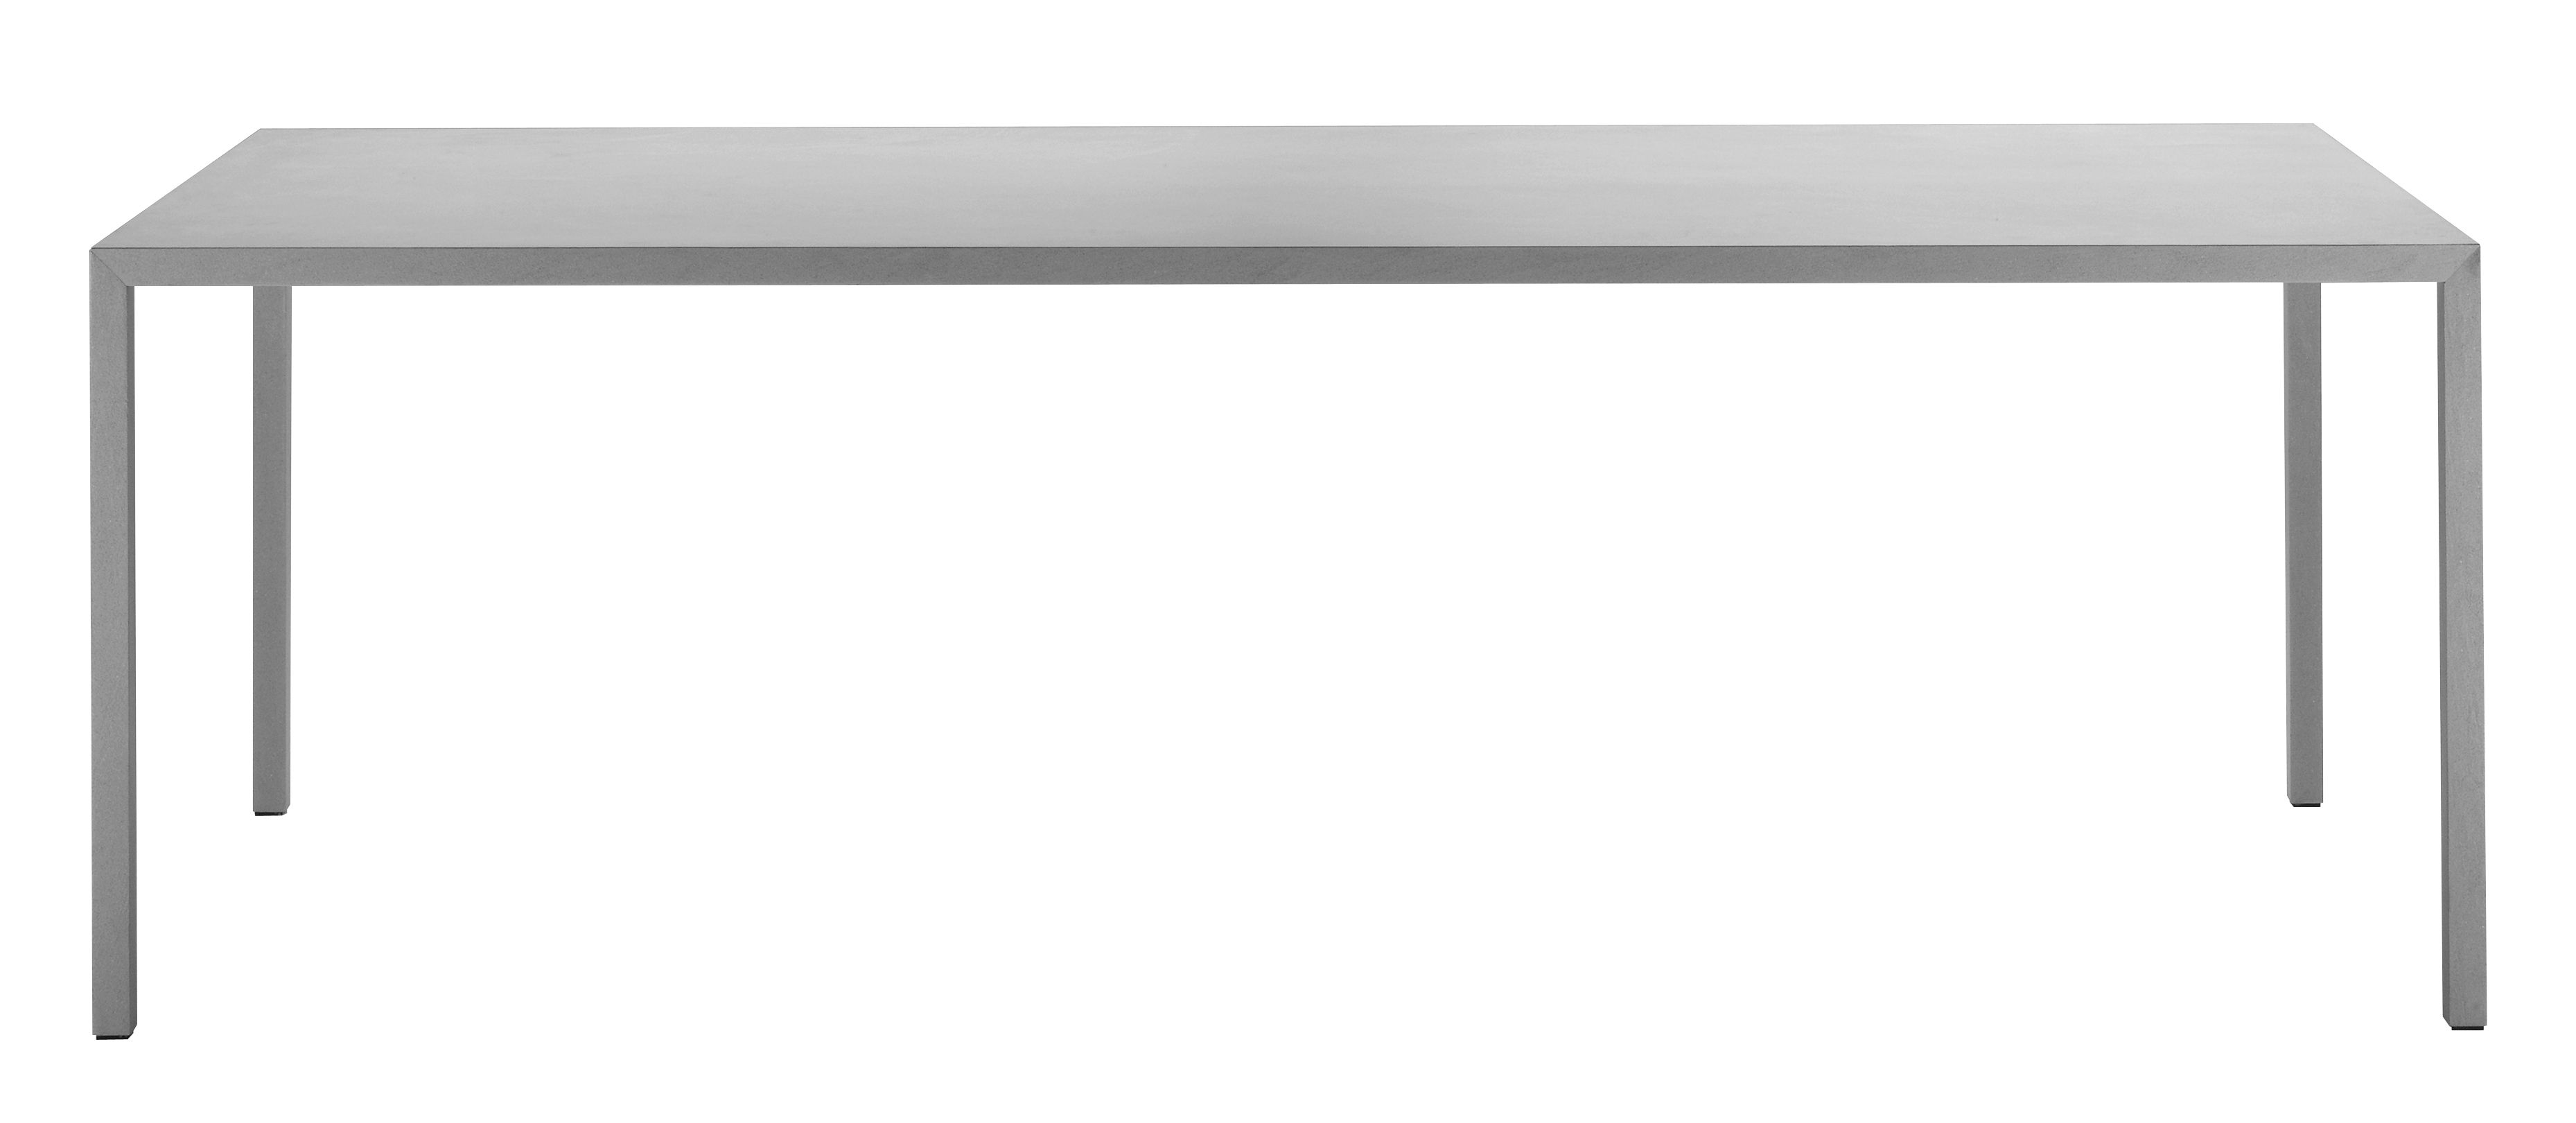 Mobilier - Tables - Table rectangulaire Tense Material / 90 x 200 cm - Pierre - MDF Italia - Pierre grise - Panneau composite, Placage pierre reconstituée